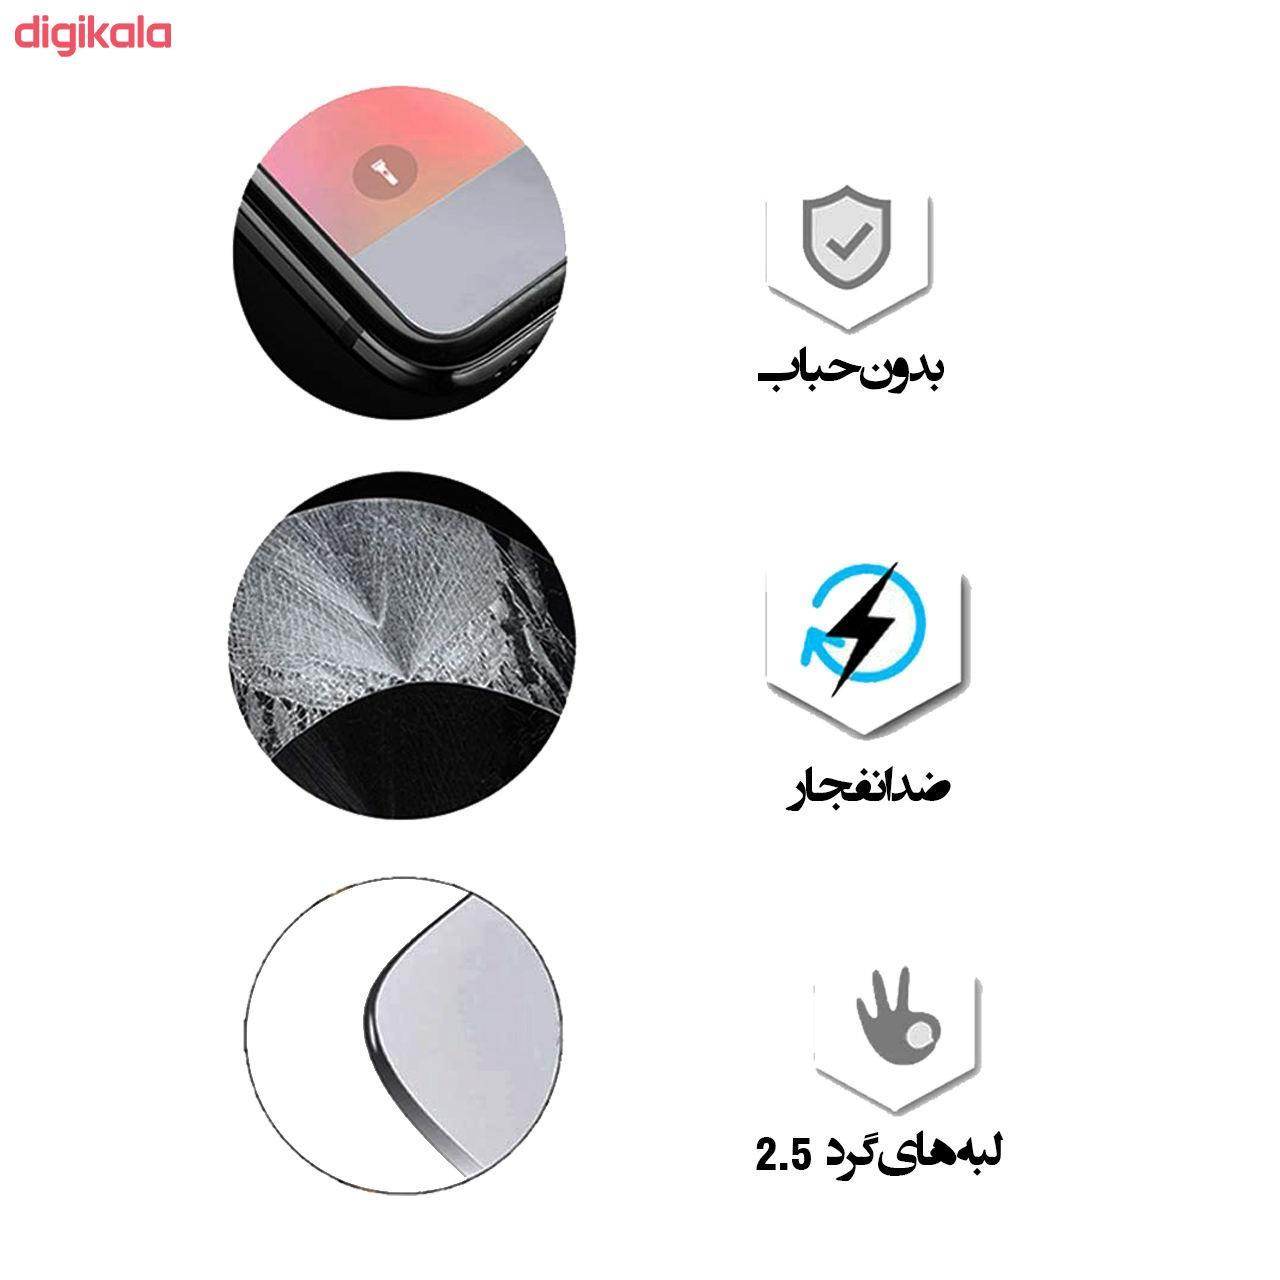 محافظ صفحه نمایش روبیکس مدل SAD-A31 مناسب برای گوشی موبایل سامسونگ Galaxy A31 main 1 4